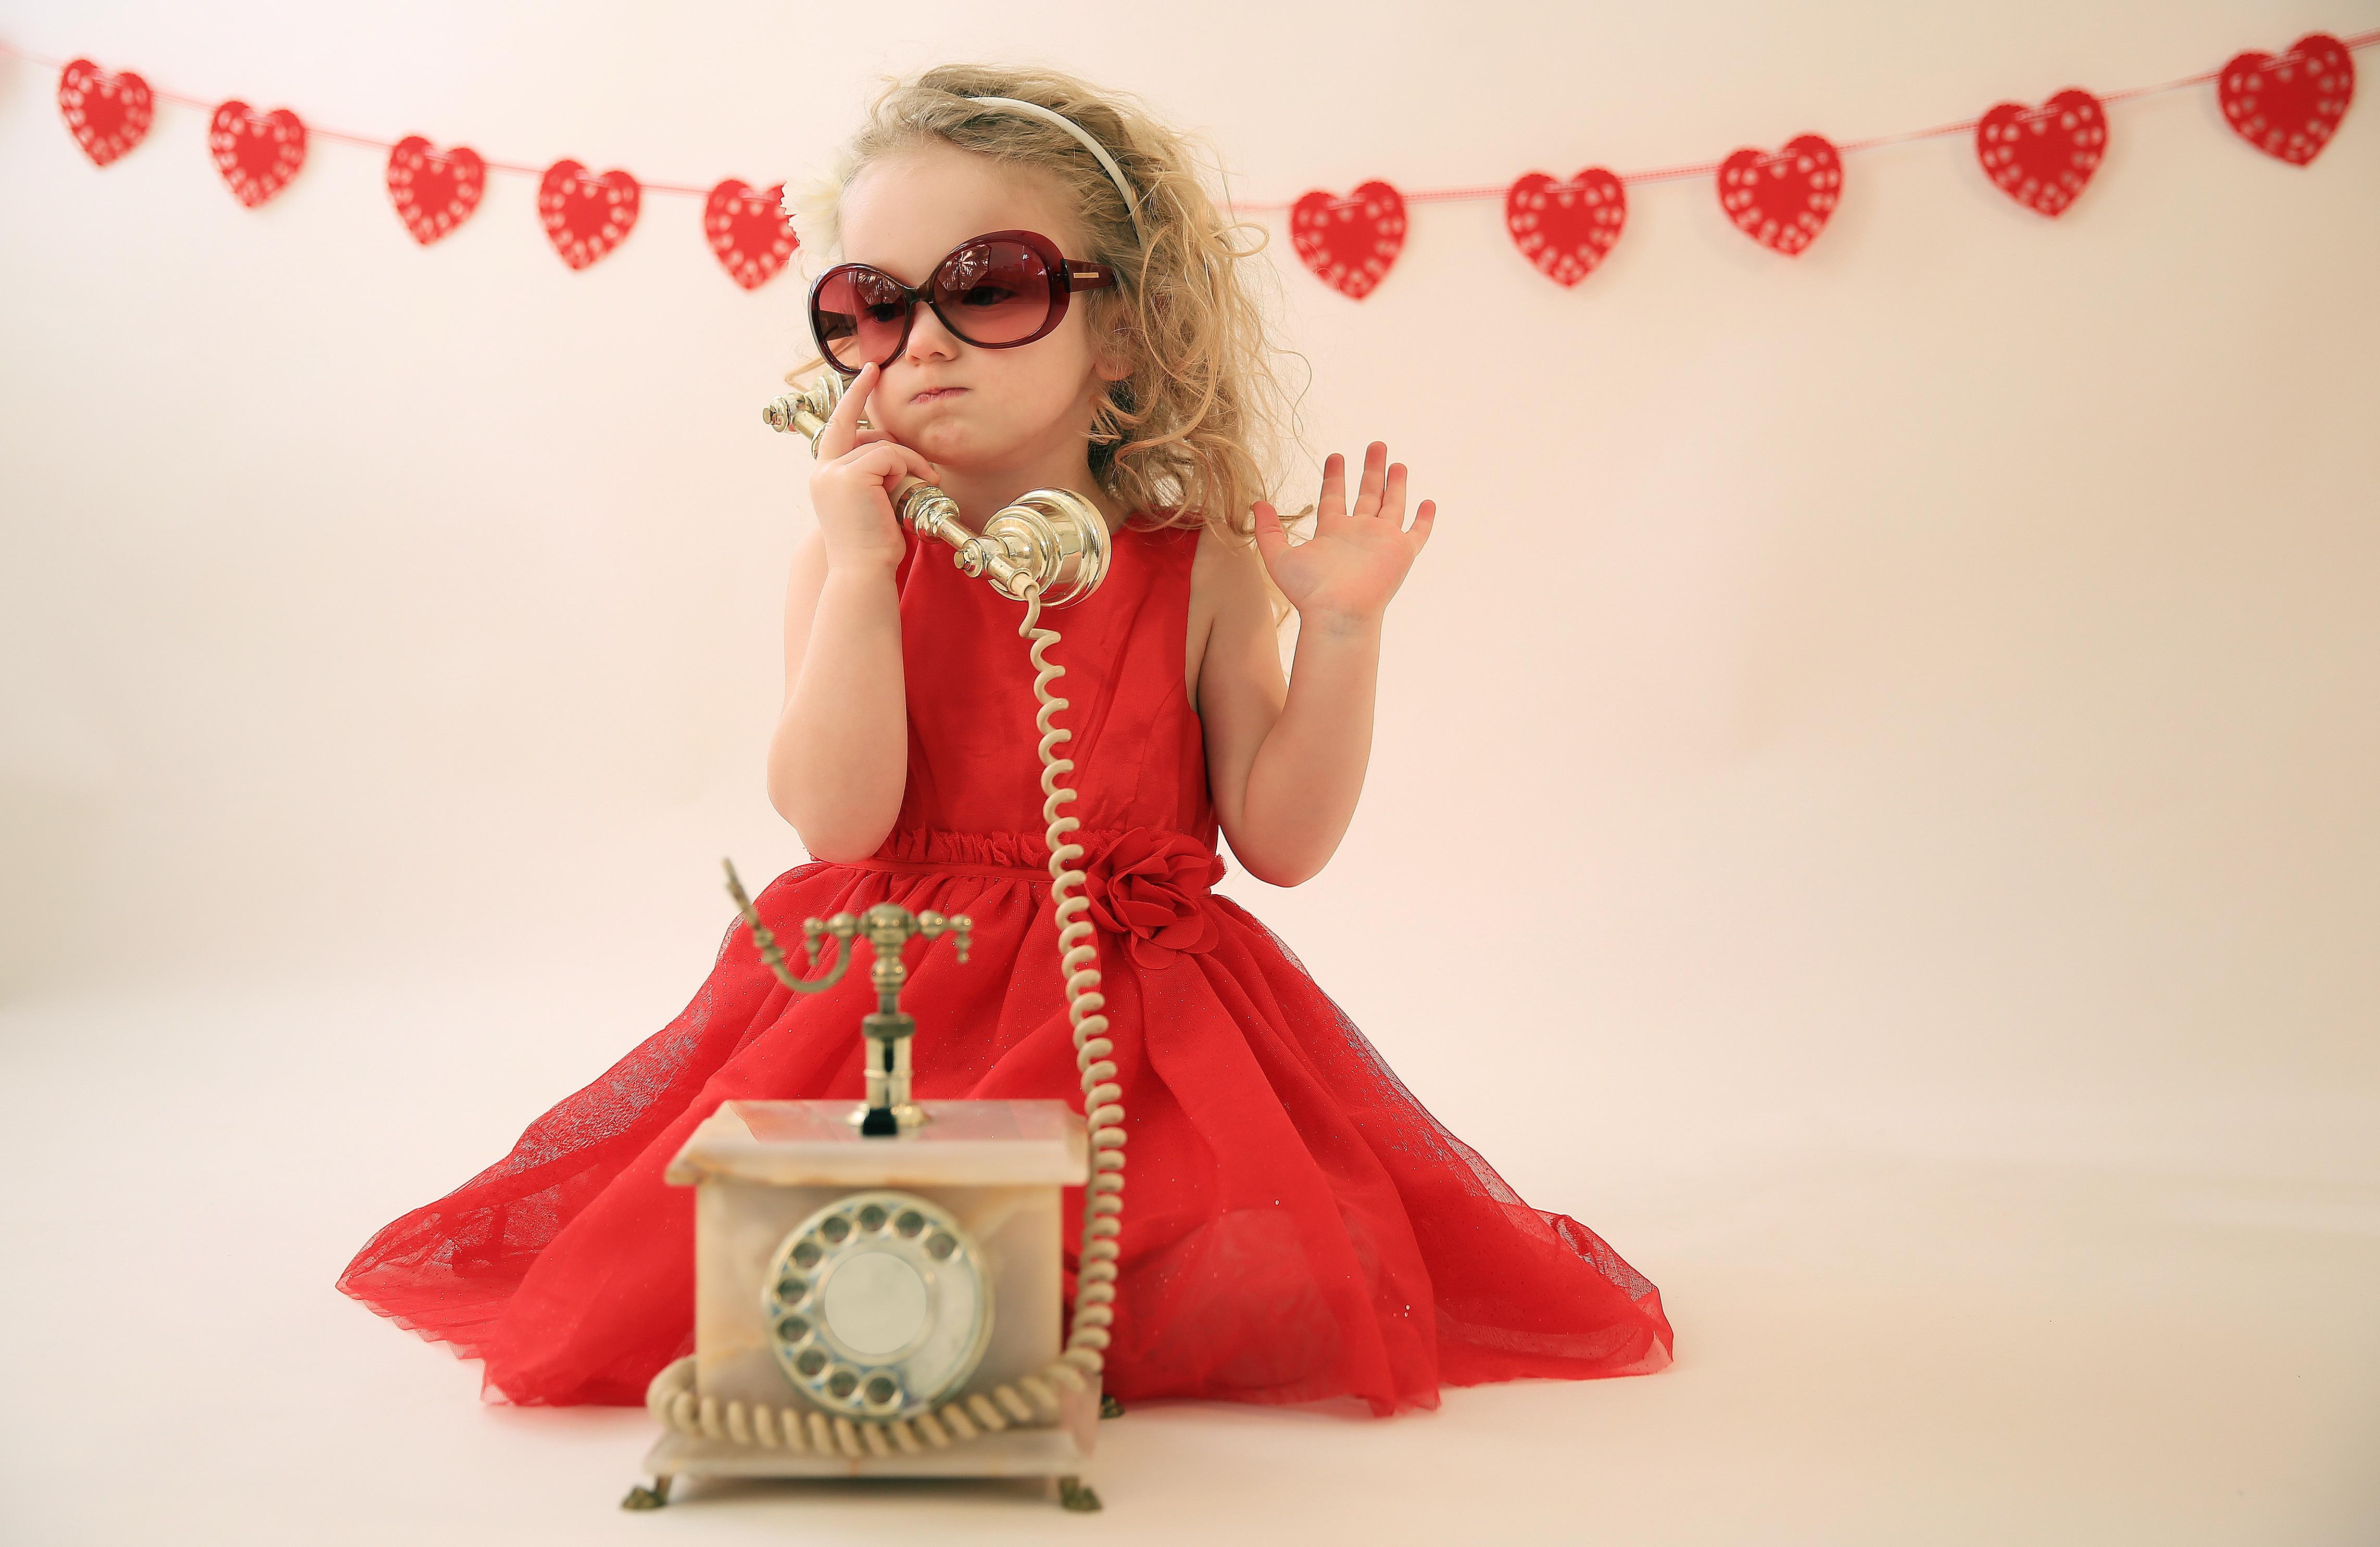 Фото На Обои Телефона Для Девочек